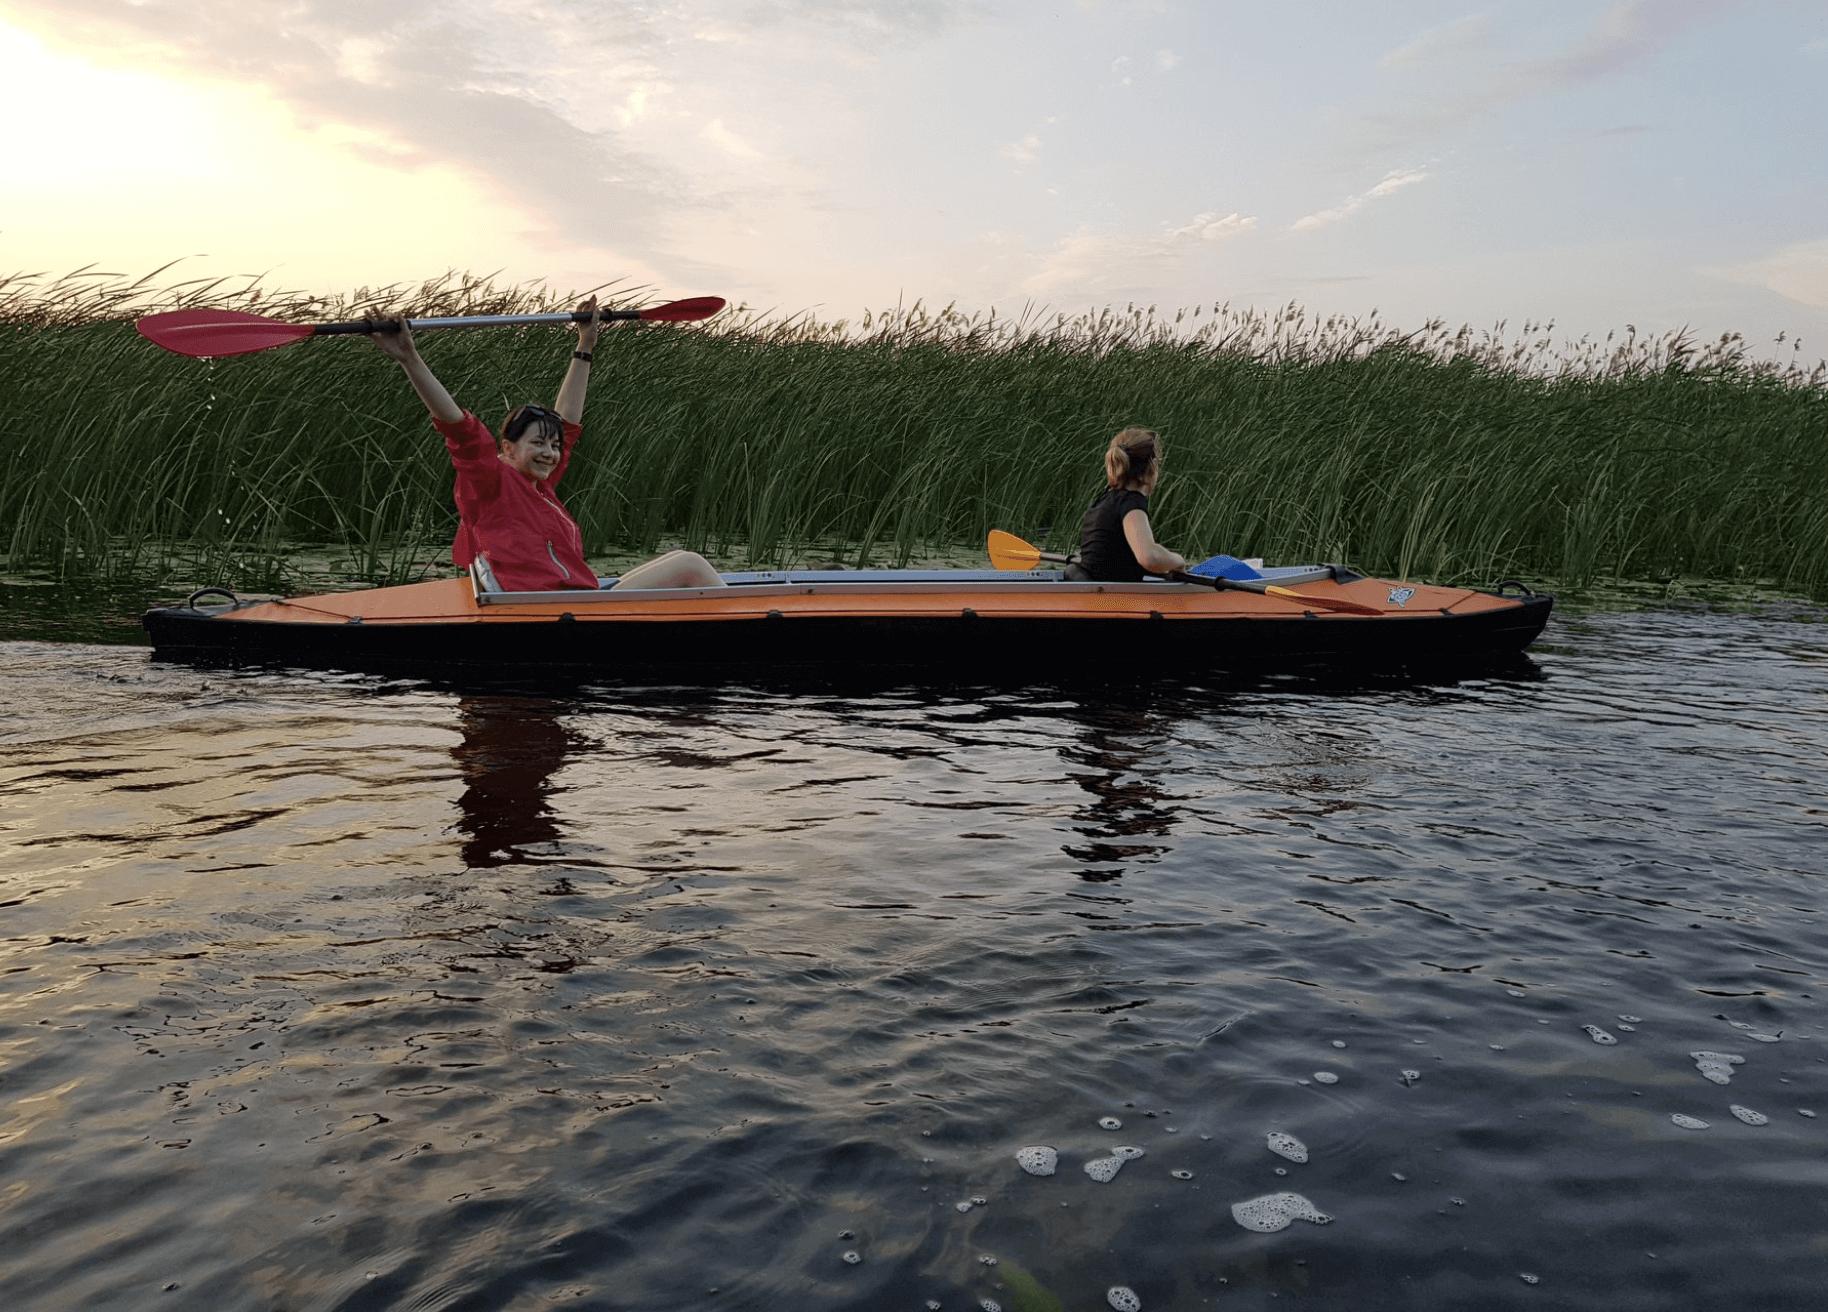 Байдарки по Днепровским плавням, отдых в Херсонской области